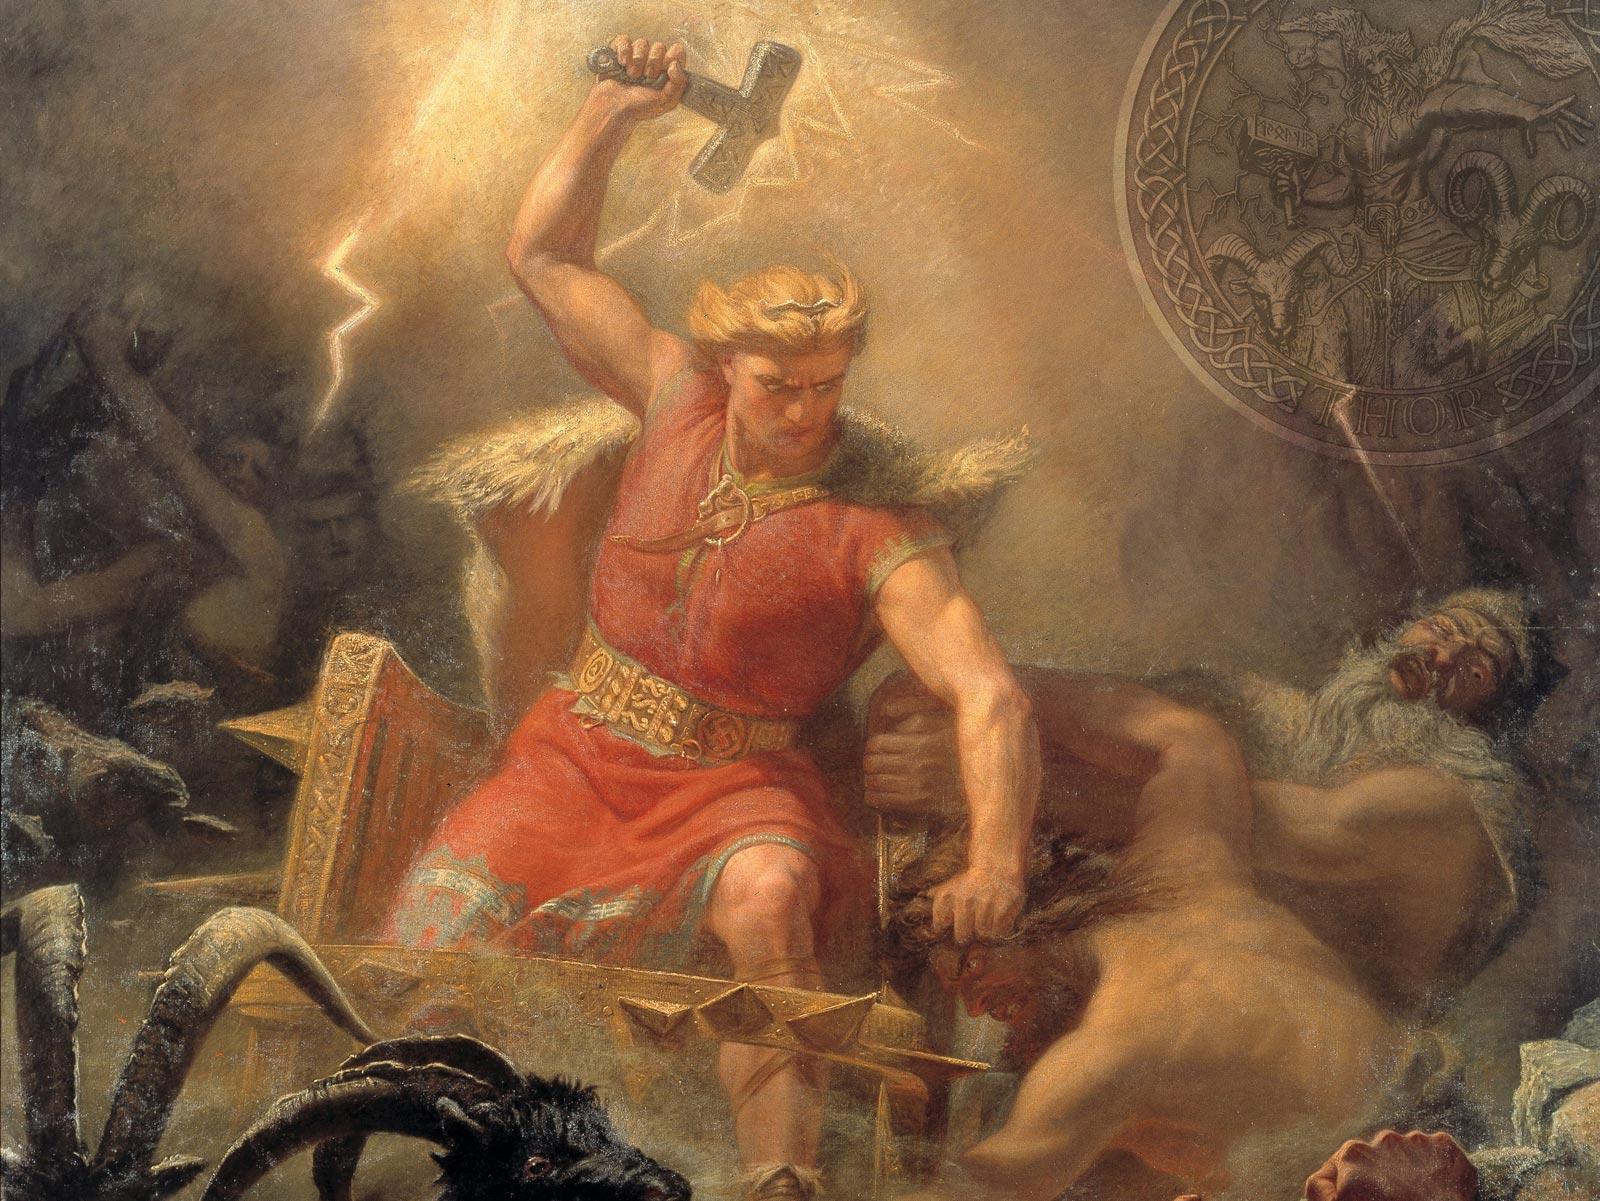 нил гейман скандинавия американские боги новая книга отвратительные мужики disgusting men